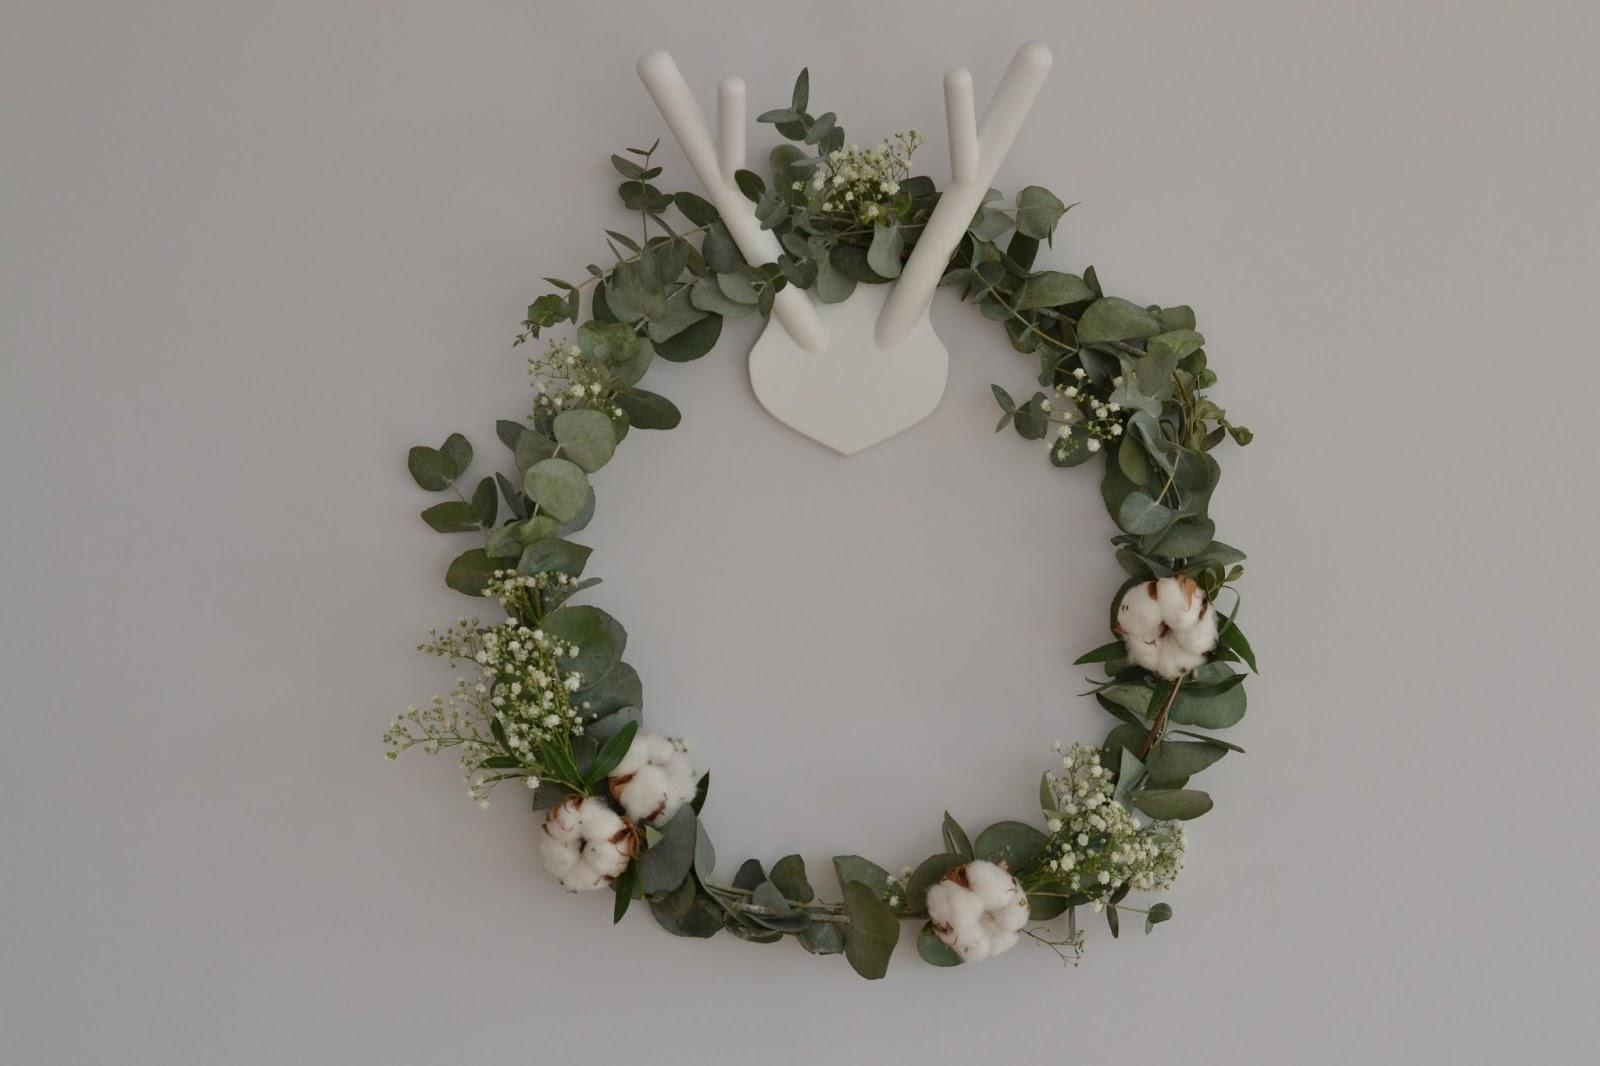 Christmas wreath corona de navidad sofia parapluie - Coronas de navidad ...